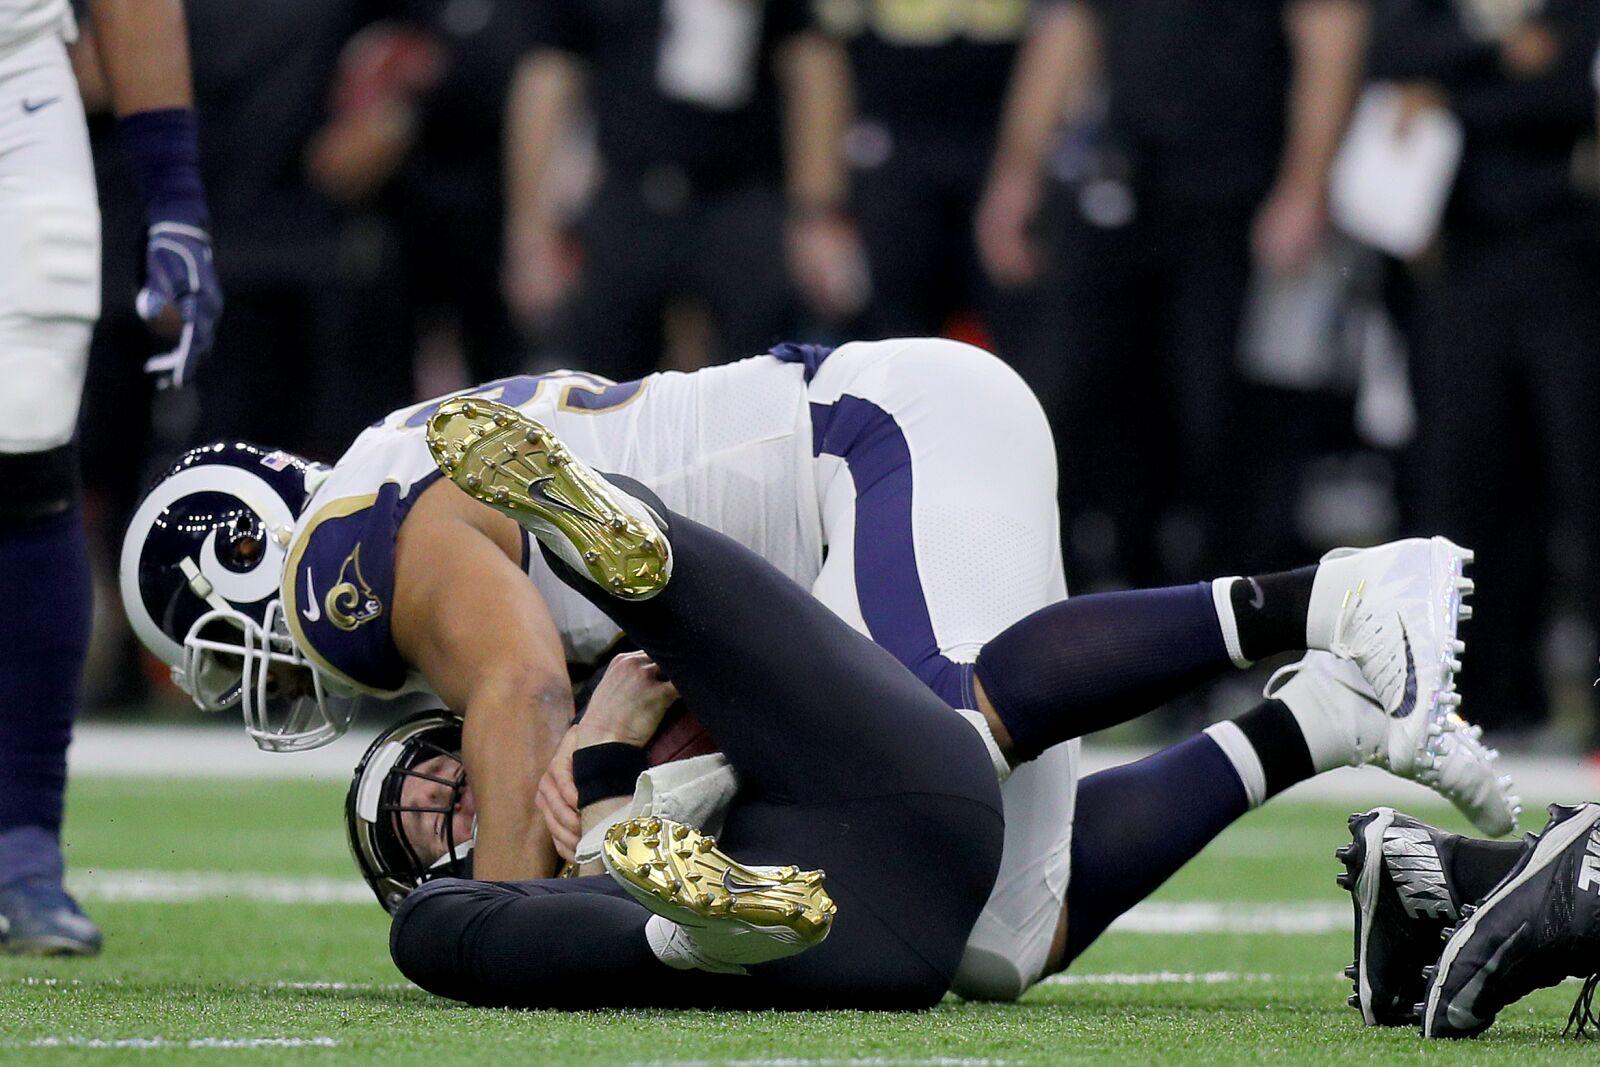 New Orleans Saints: Drew Brees suddenly feels Brett Favre's pain